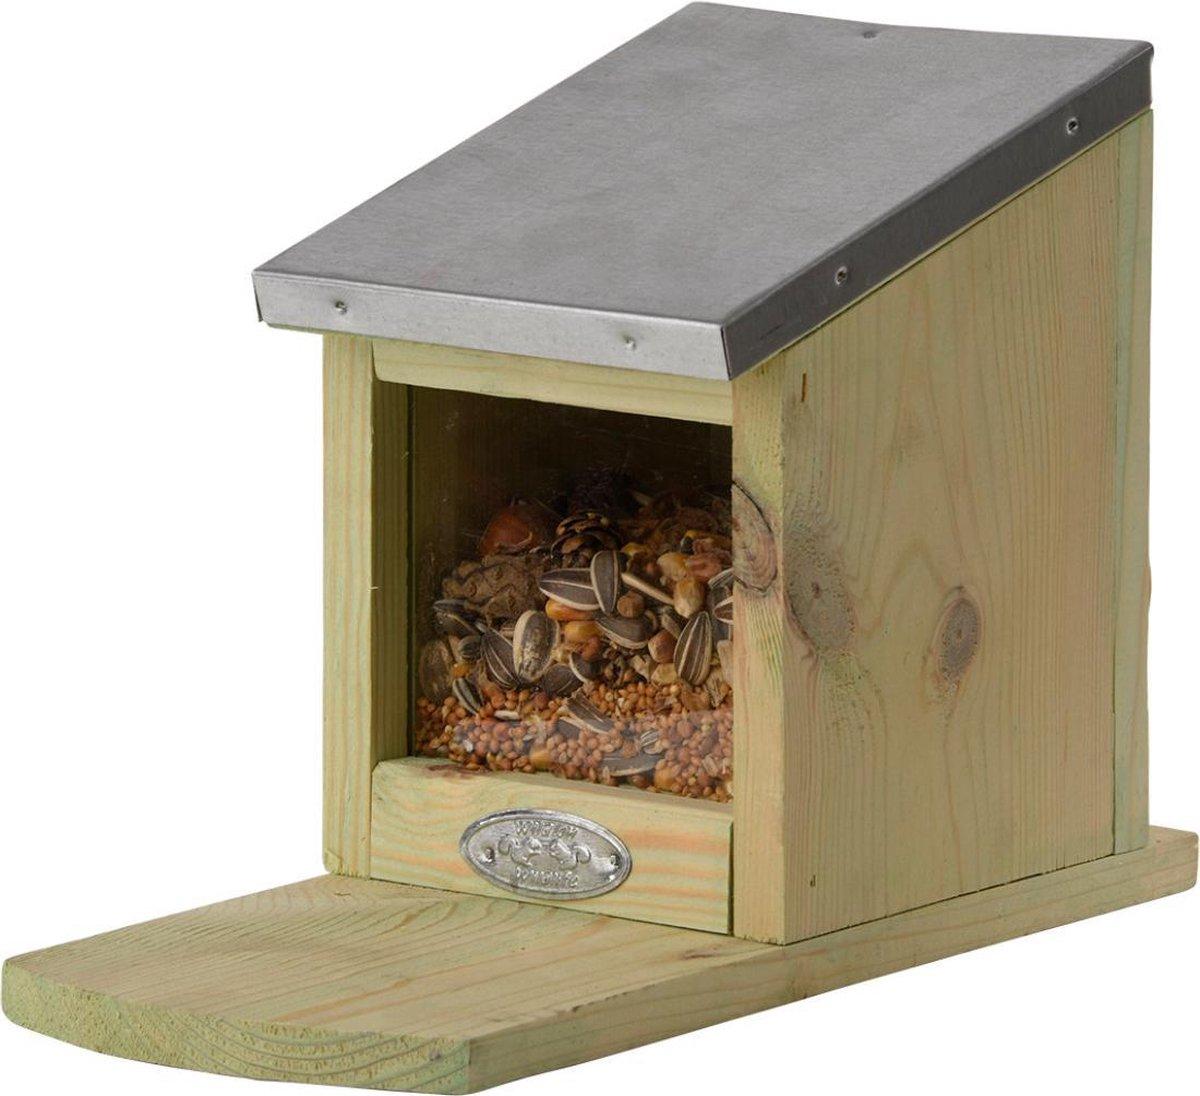 Houten Eekhoorn voederhuis 17 cm - Woonhuisjes voor eekhoorns